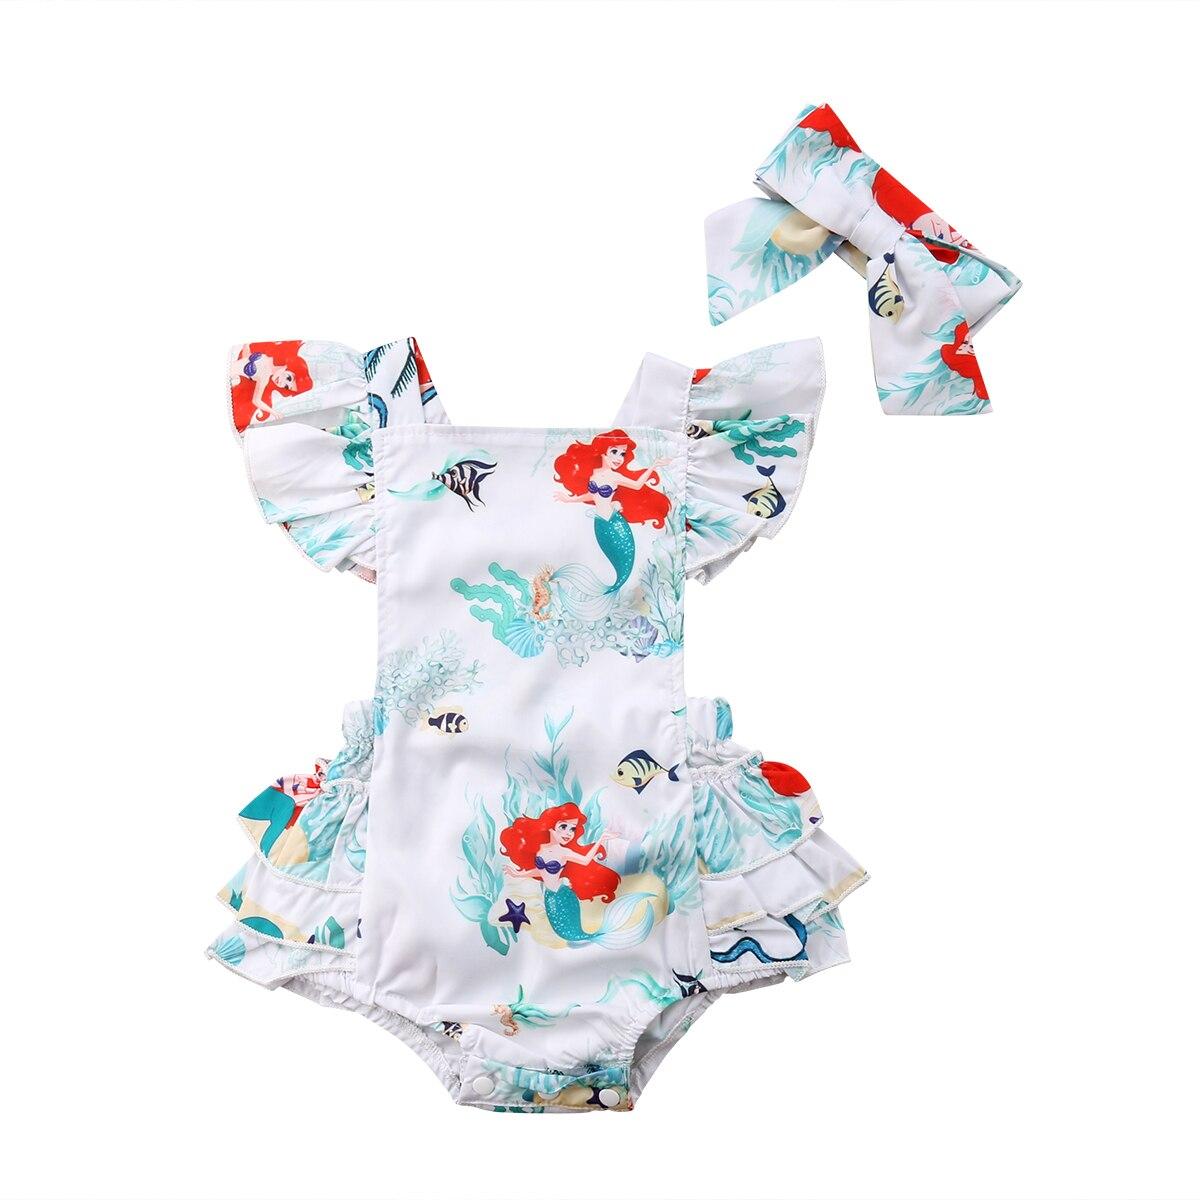 0-24 M Nieuw Zomer Baby Kids Baby Meisje Romper Jumpsuit + Hoofdband Outfits Kleding